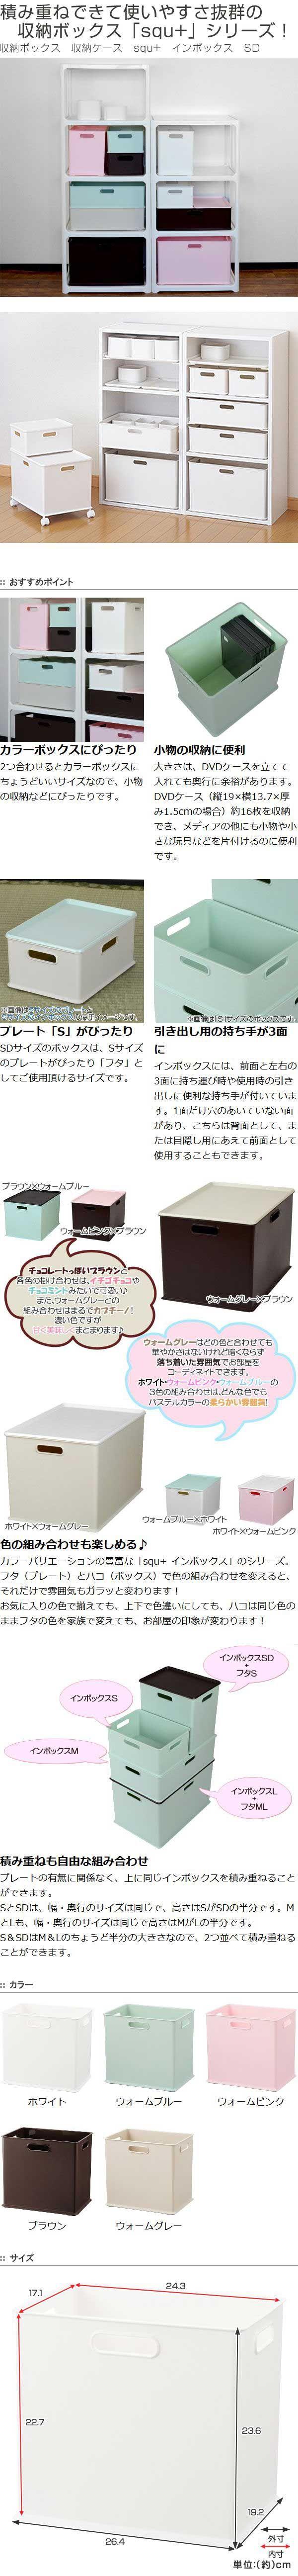 【ポイント最大24倍】。収納ボックス 収納ケース squ+ インボックス SD ( 小物入れ 収納 カラーボックス インナーボックス 横置き おもちゃ箱 プラスチック コンテナ 積み重ね スタッキング 小物収納 インナーケース )